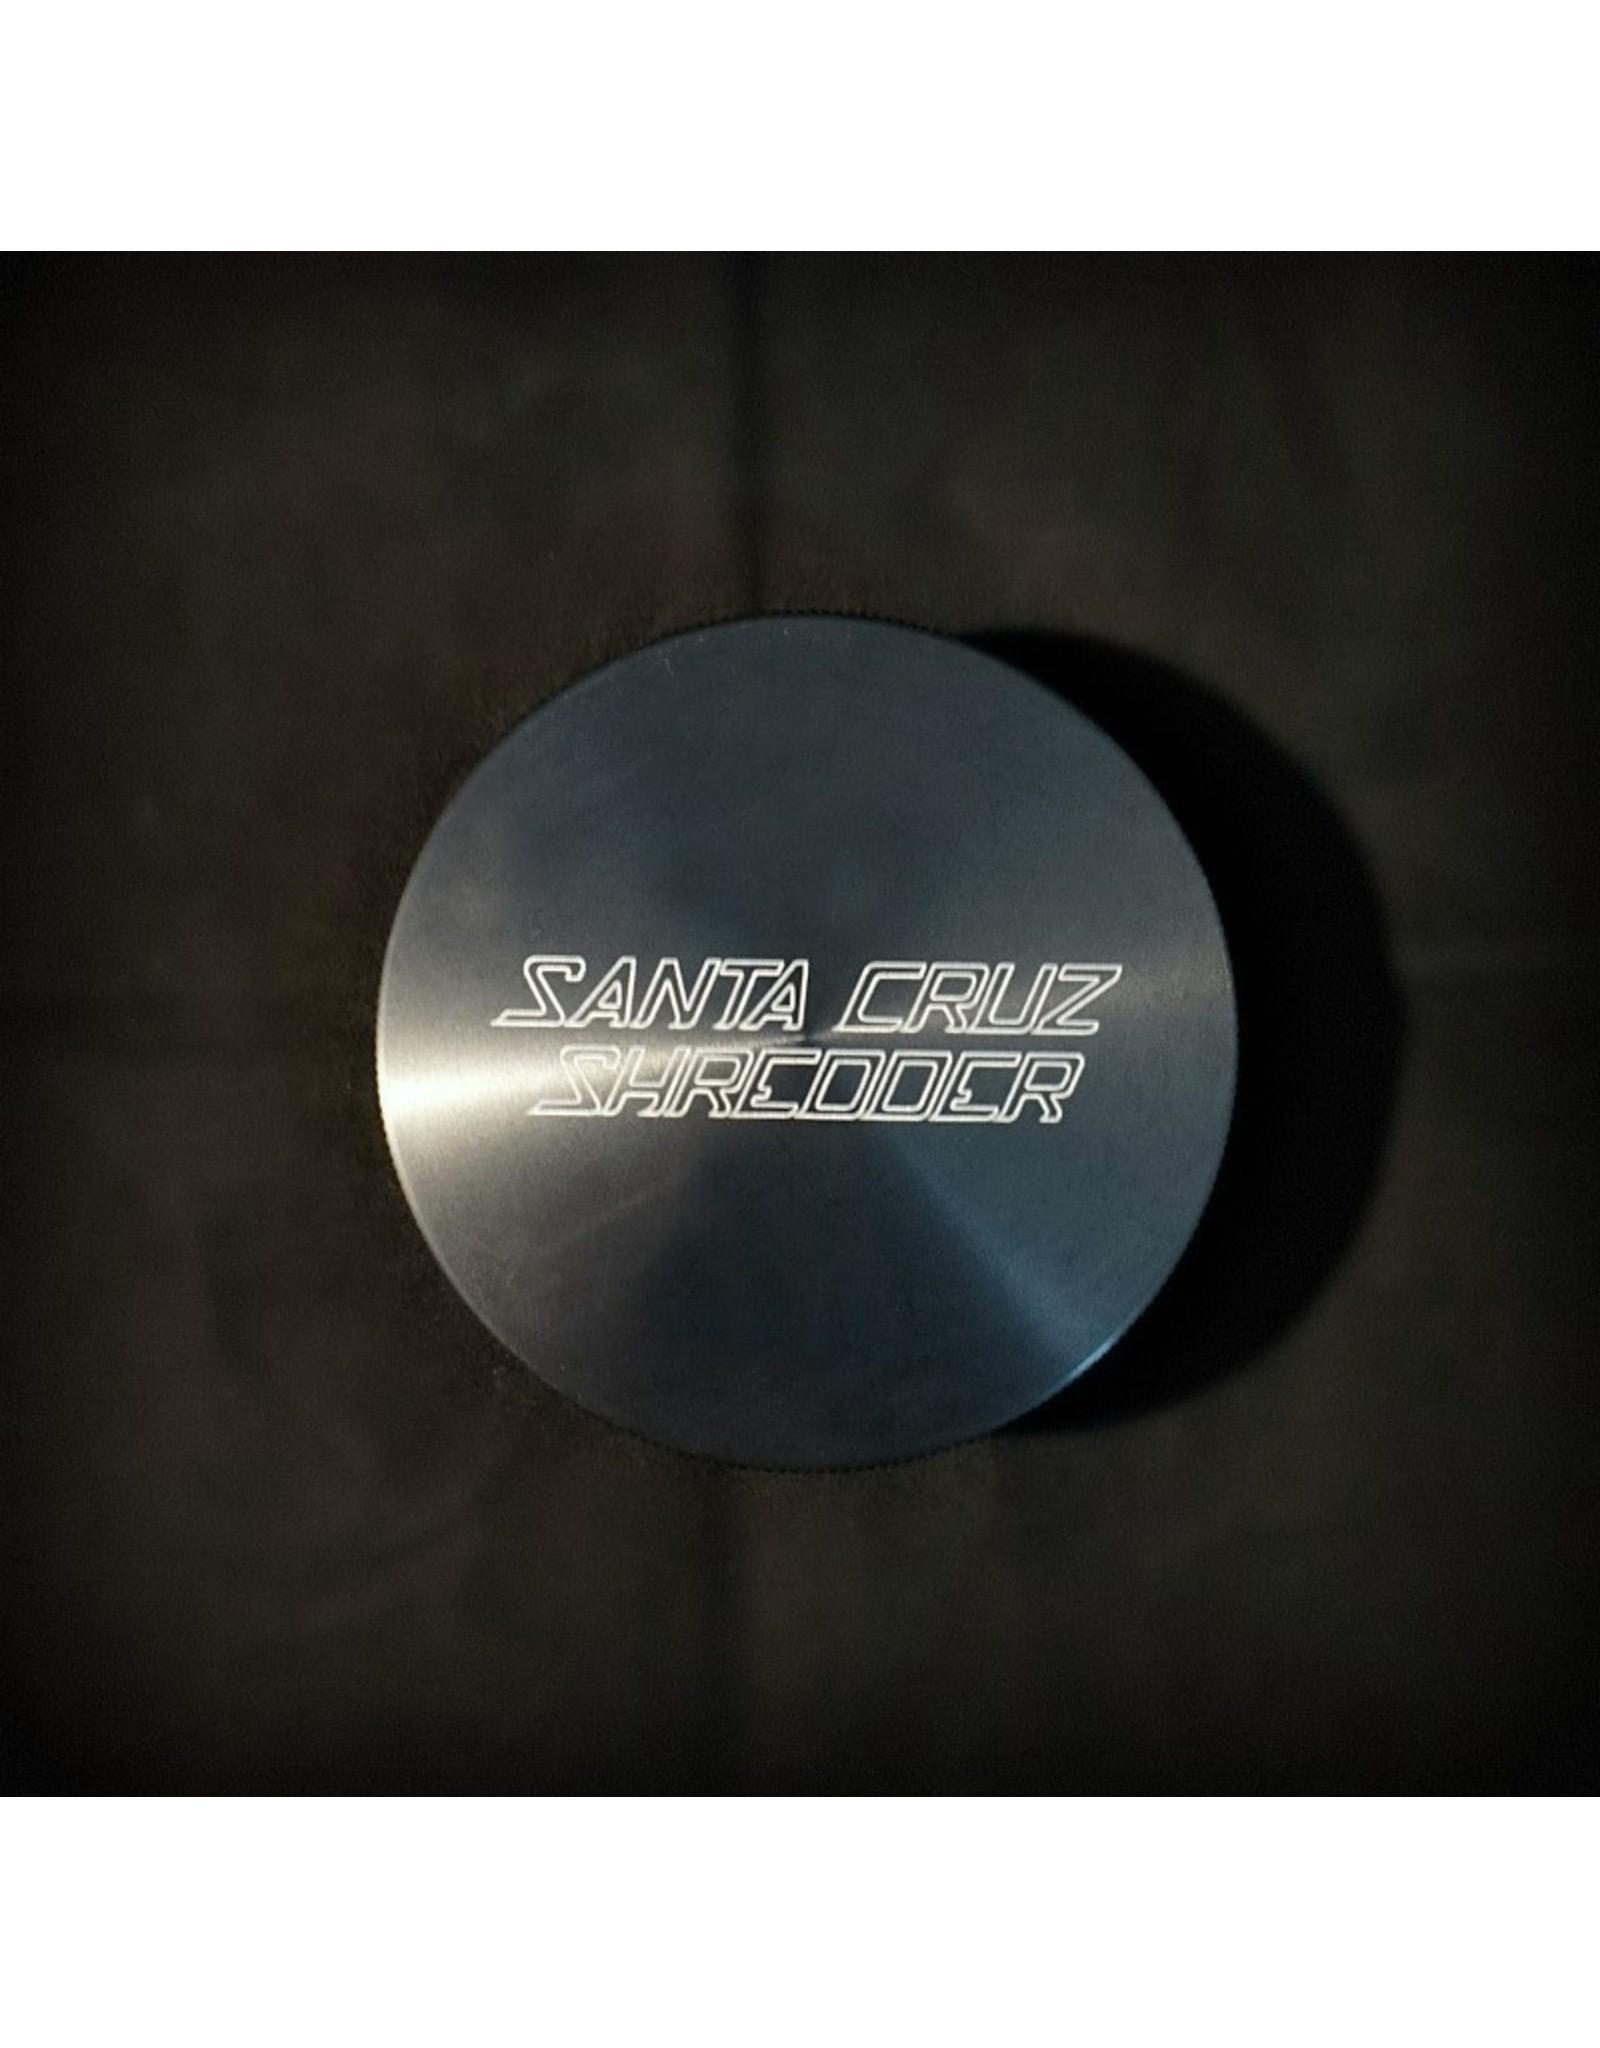 Santa Cruz Shredder 2pc Large Gray